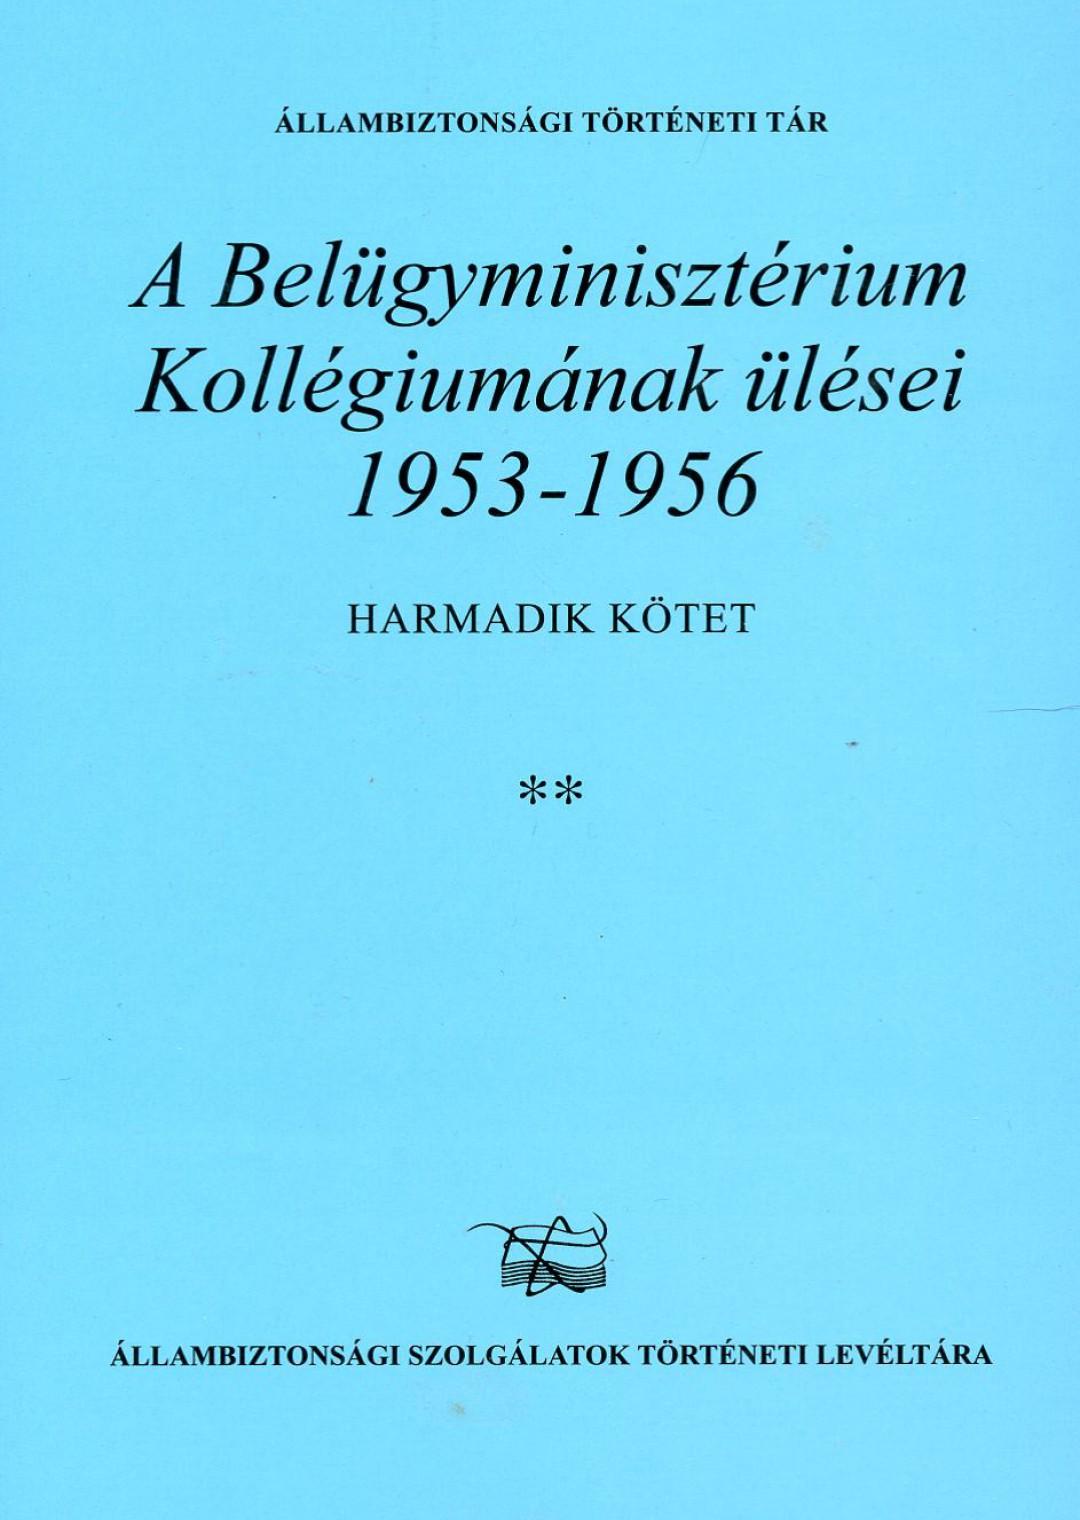 A Belügyminisztérium Kollégiumának ülései 1953-1956- III. kötet **